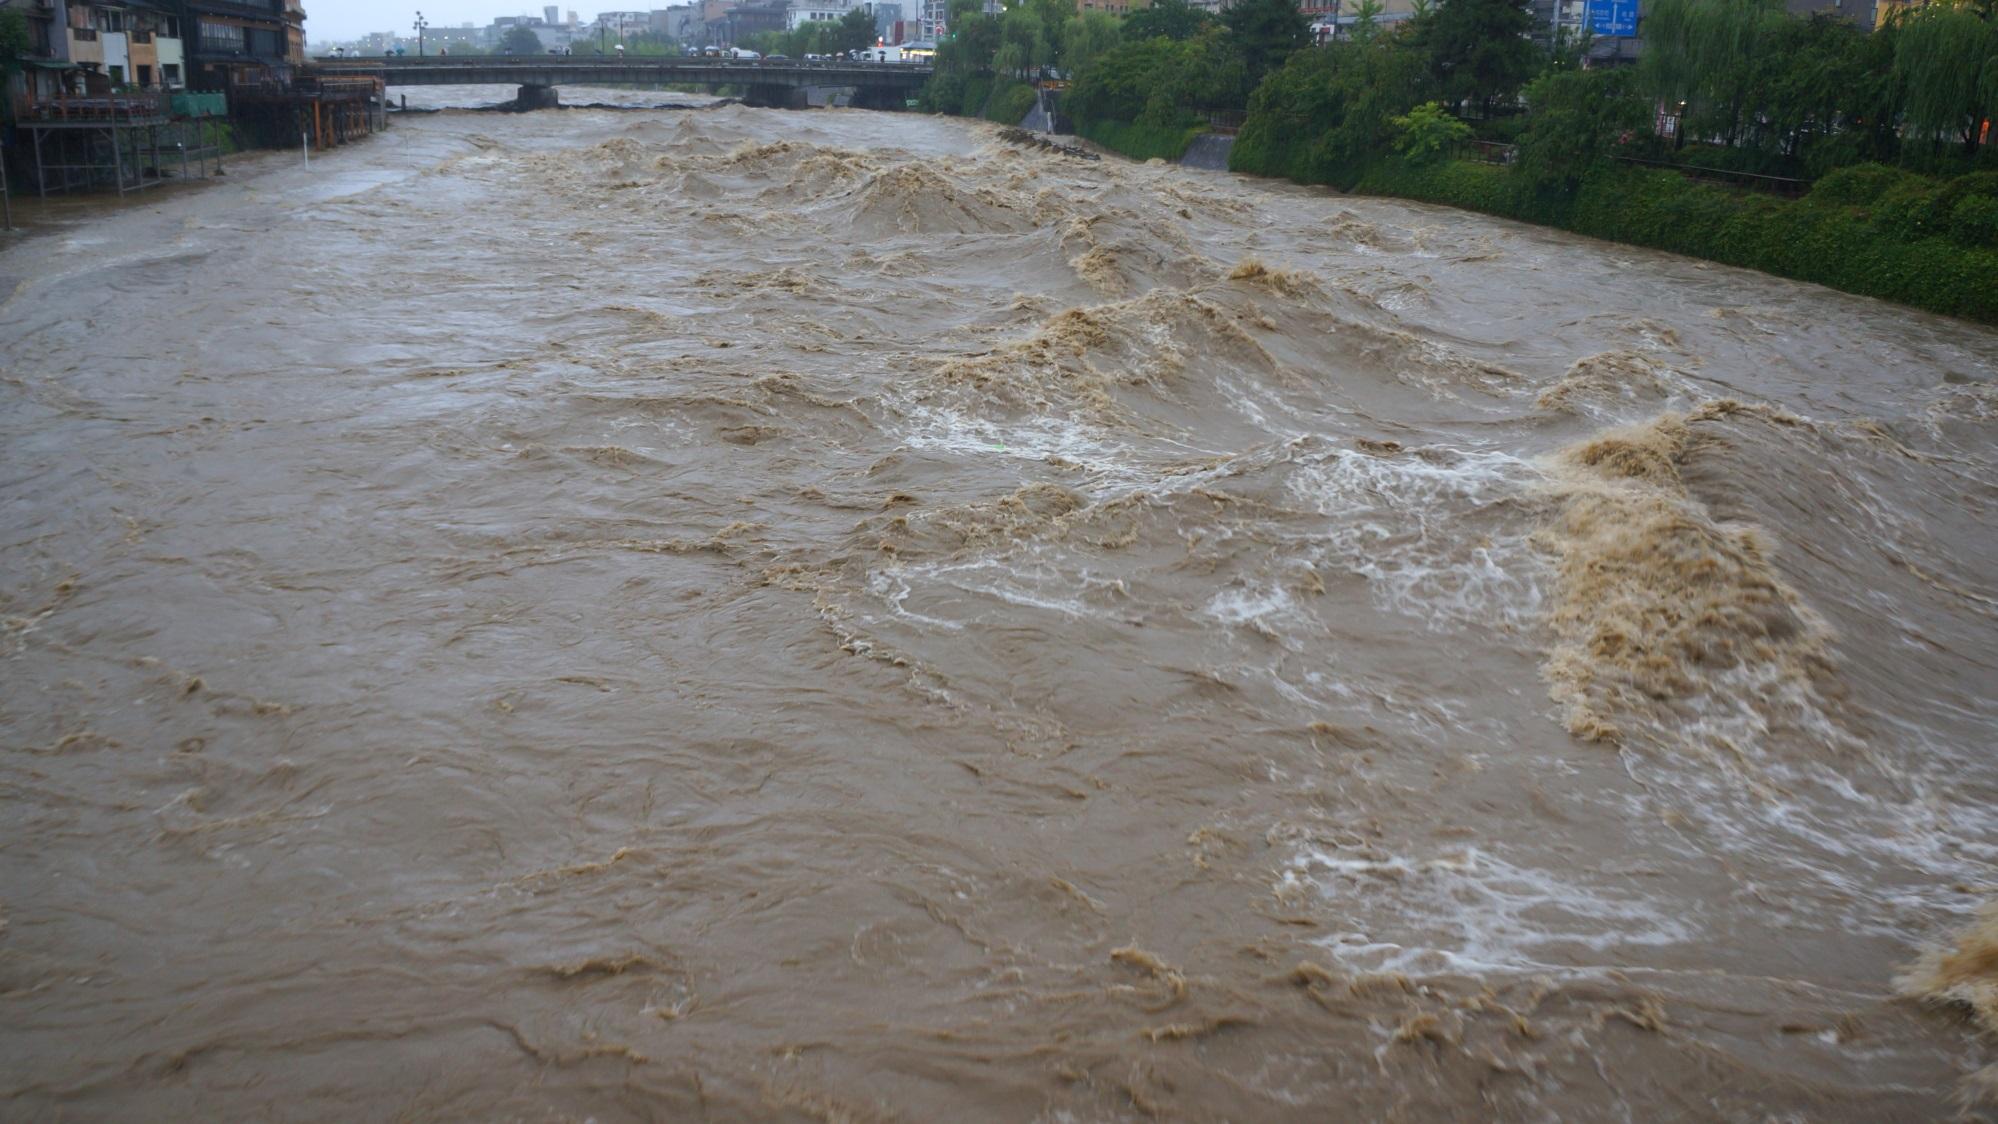 落ちると一気にのみこまれそうな怖い増水した鴨川